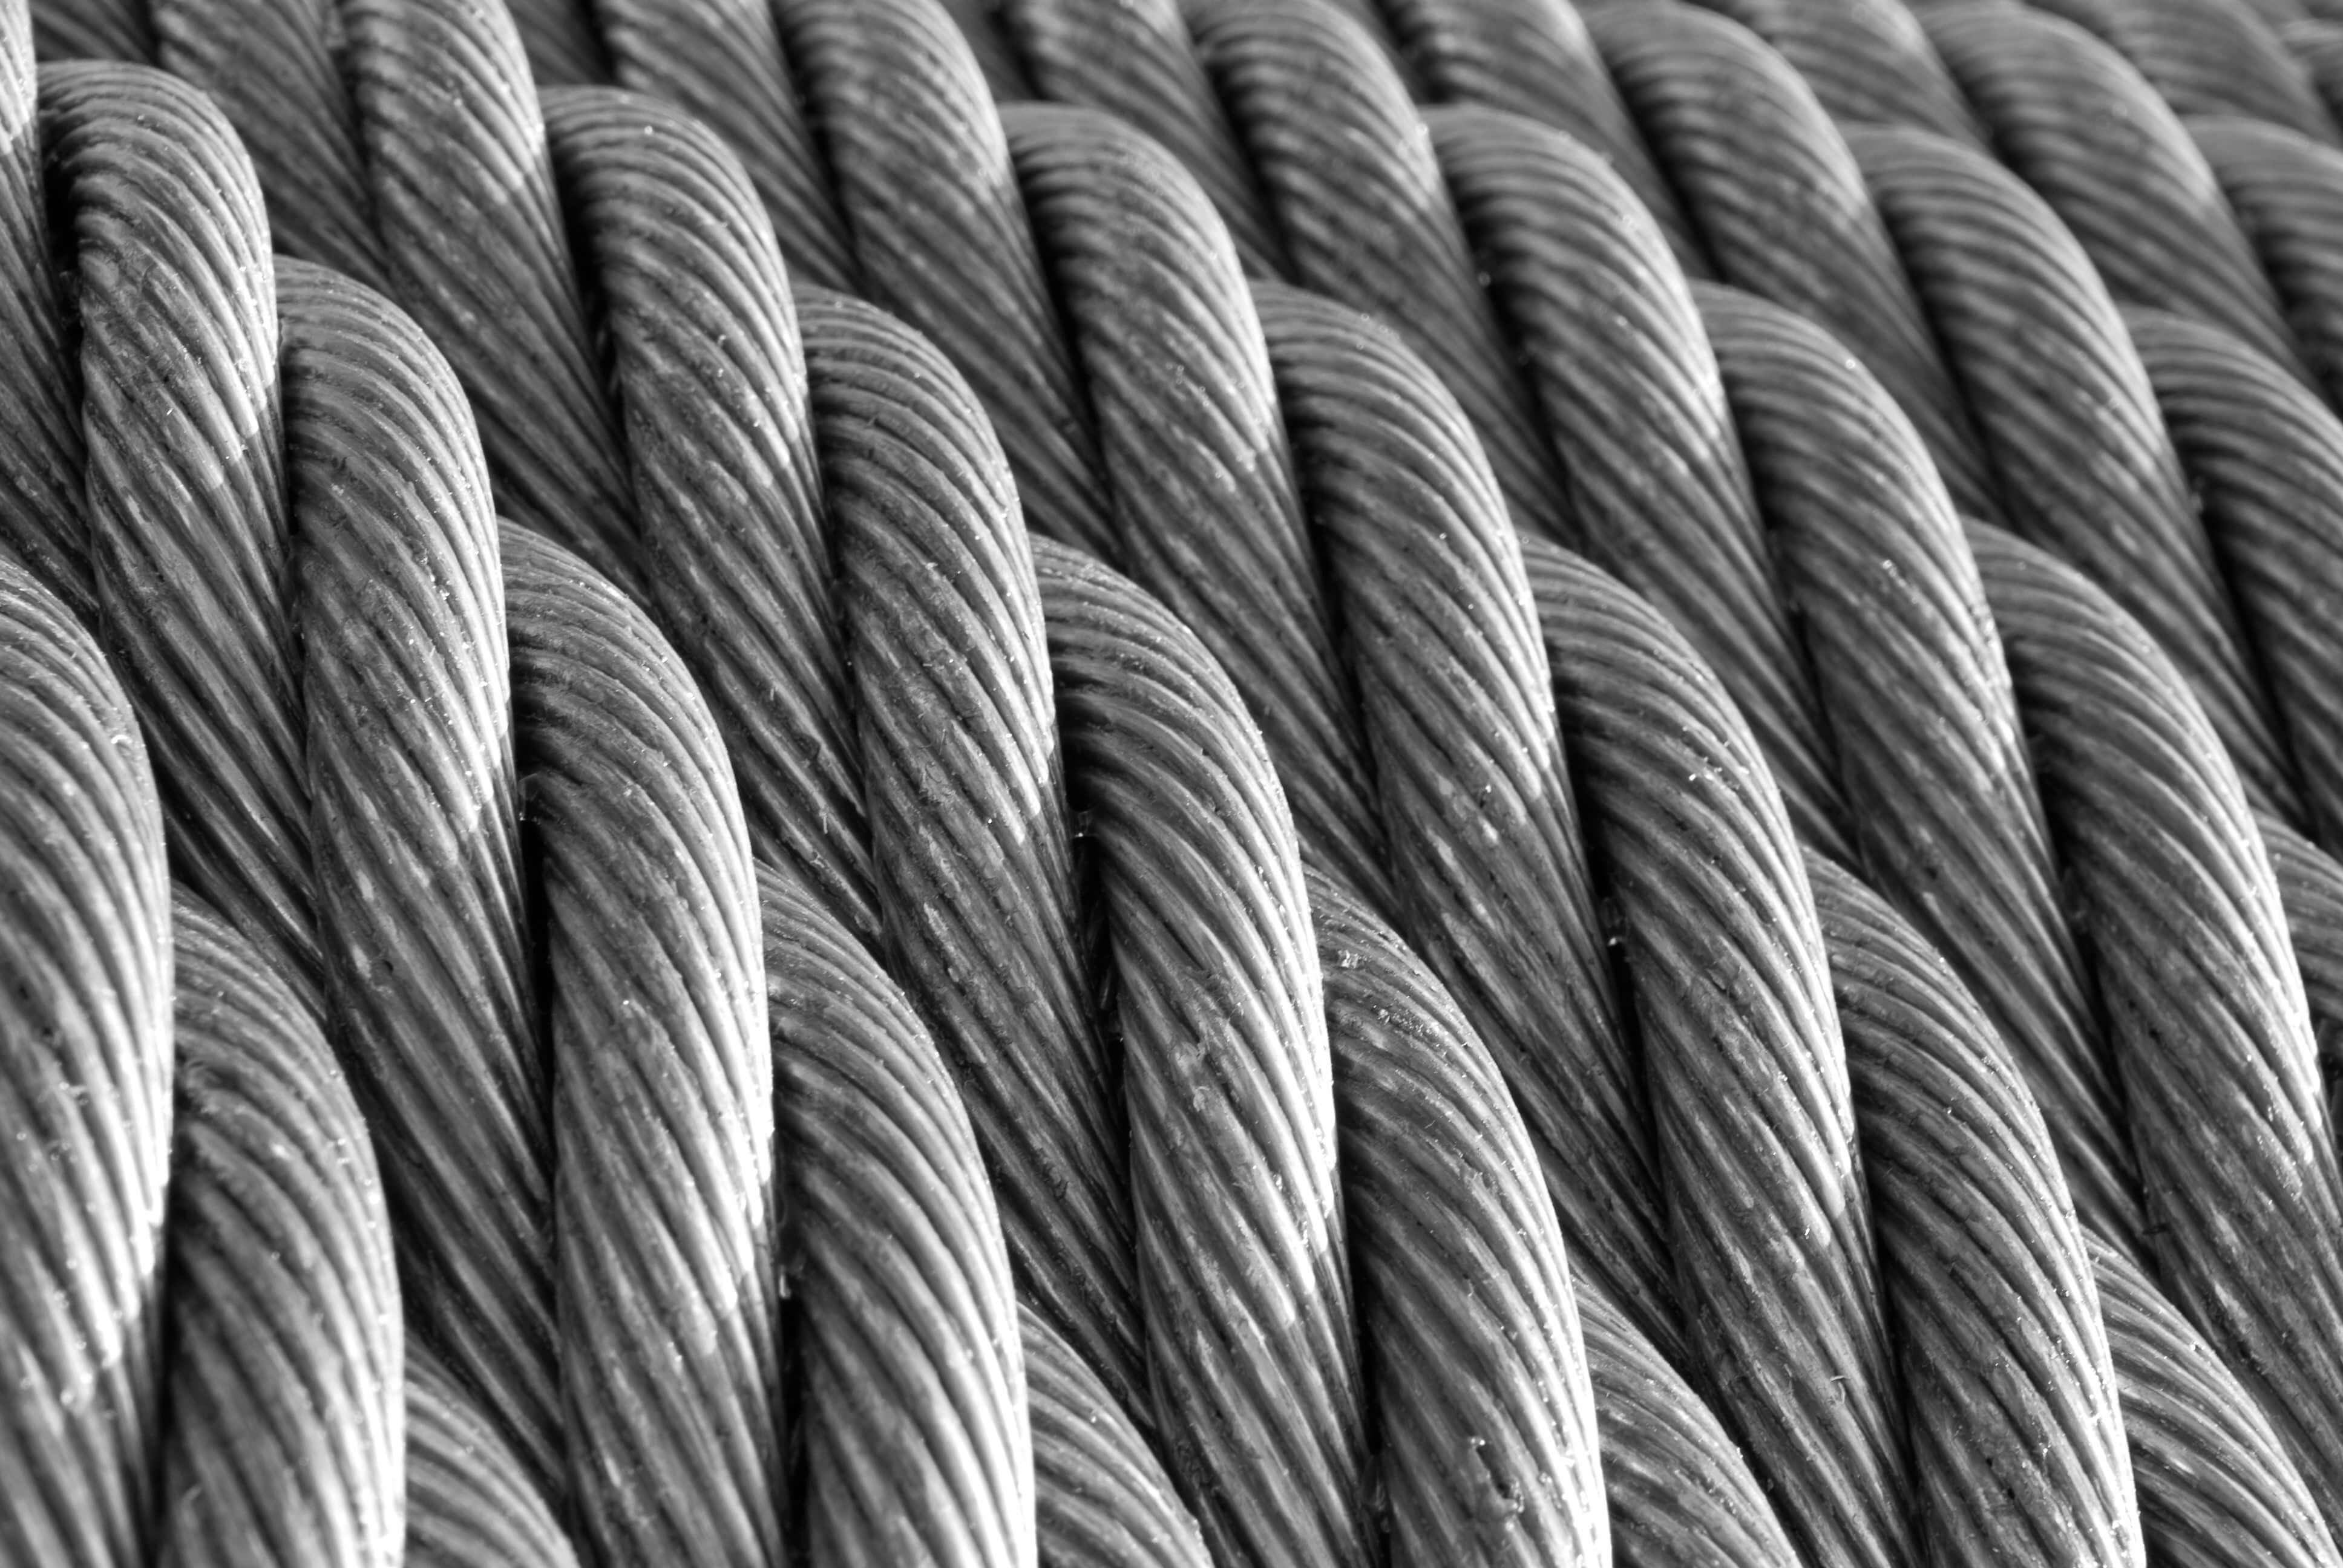 Steel Wire Ropes - De Ruiter Staalkabel